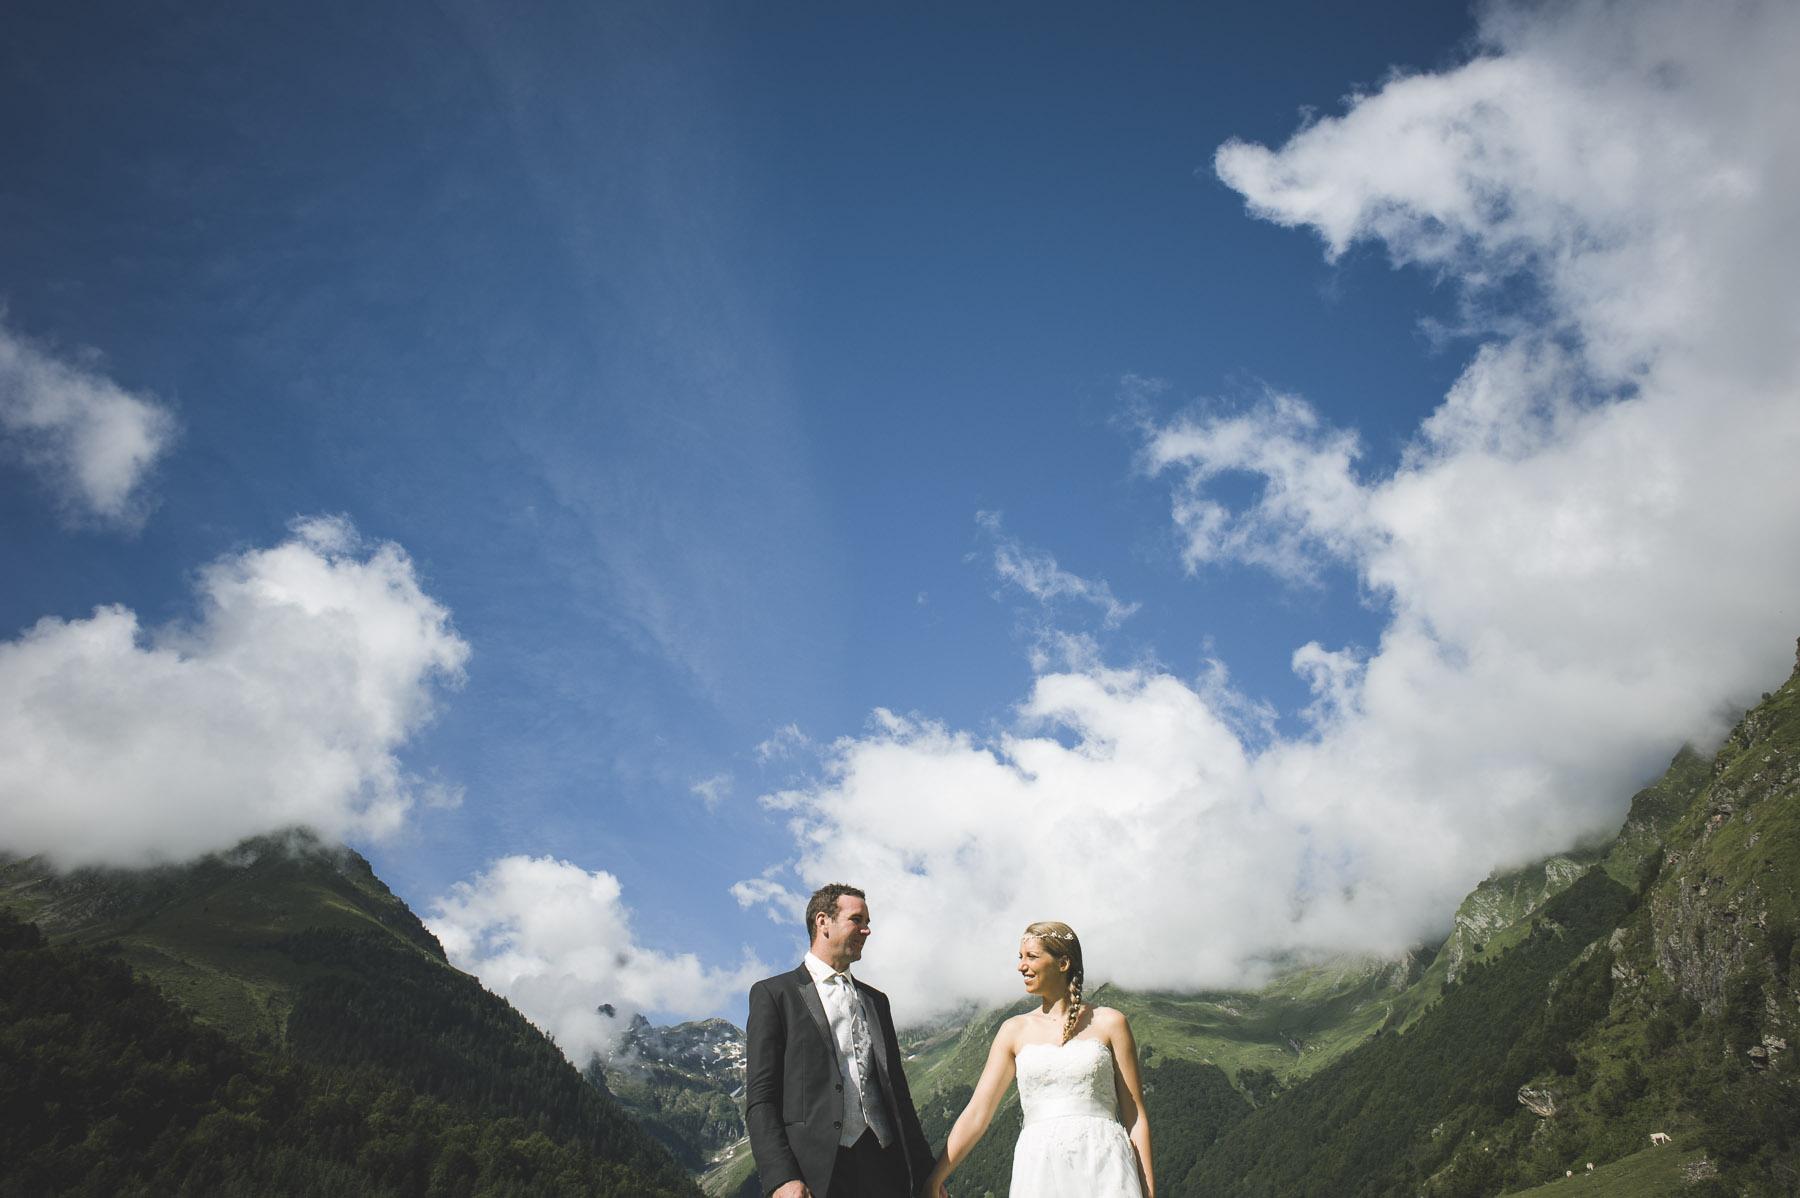 Photographe mariage Pyrénées séance day after - C et E (2)